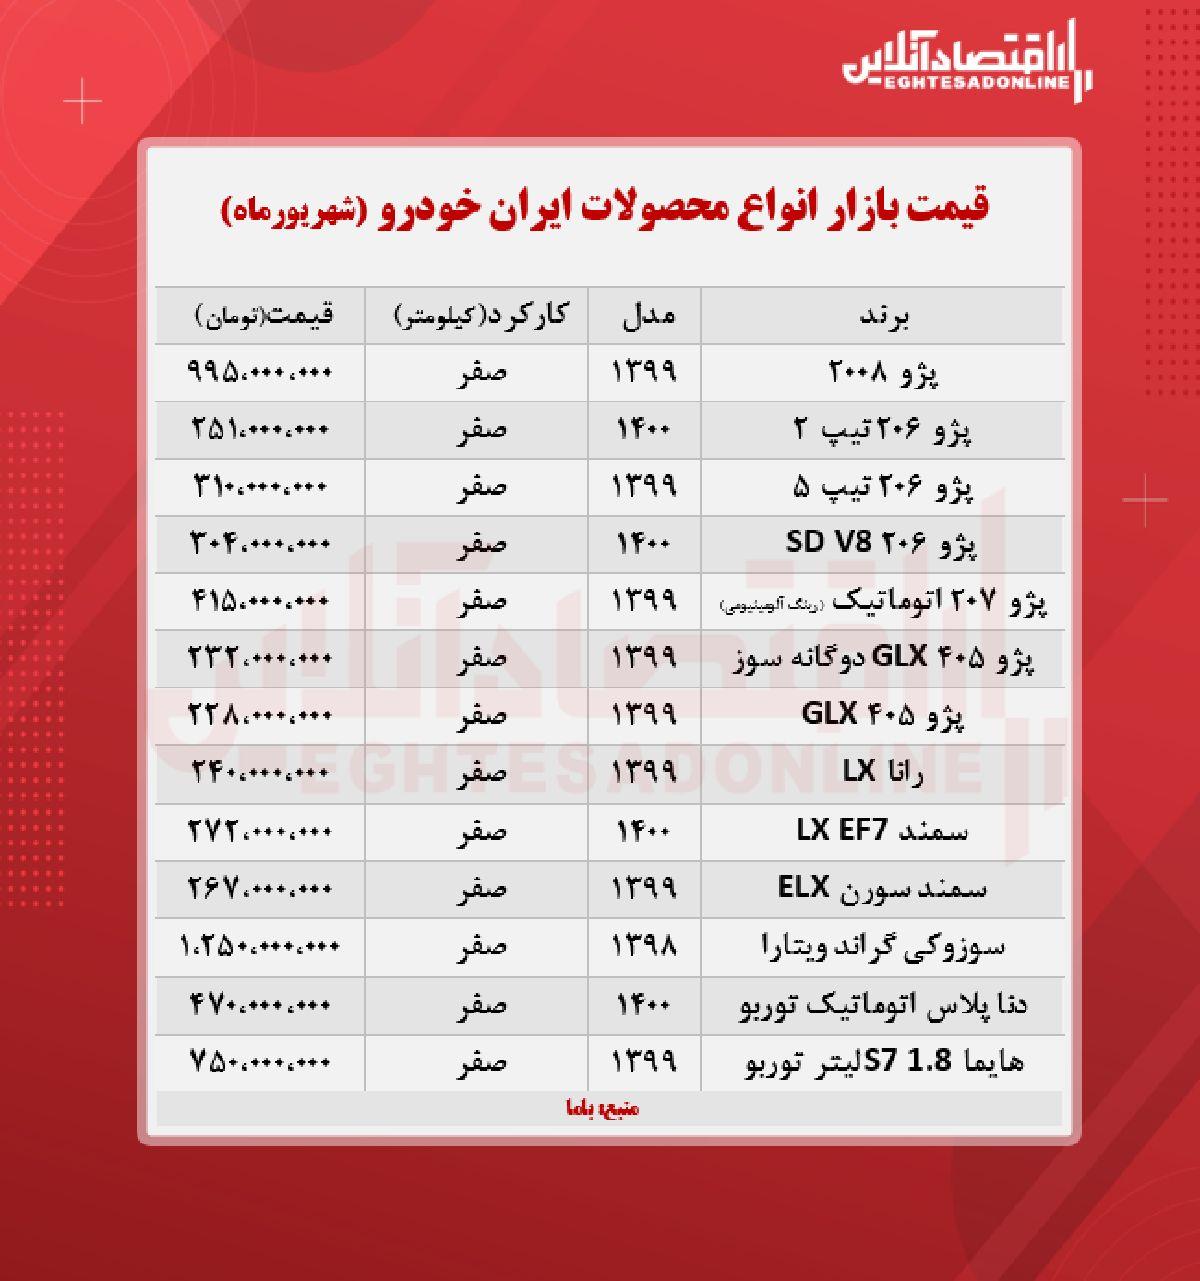 قیمت محصولات ایران خودرو امروز ۱۴۰۰/۶/۱۱